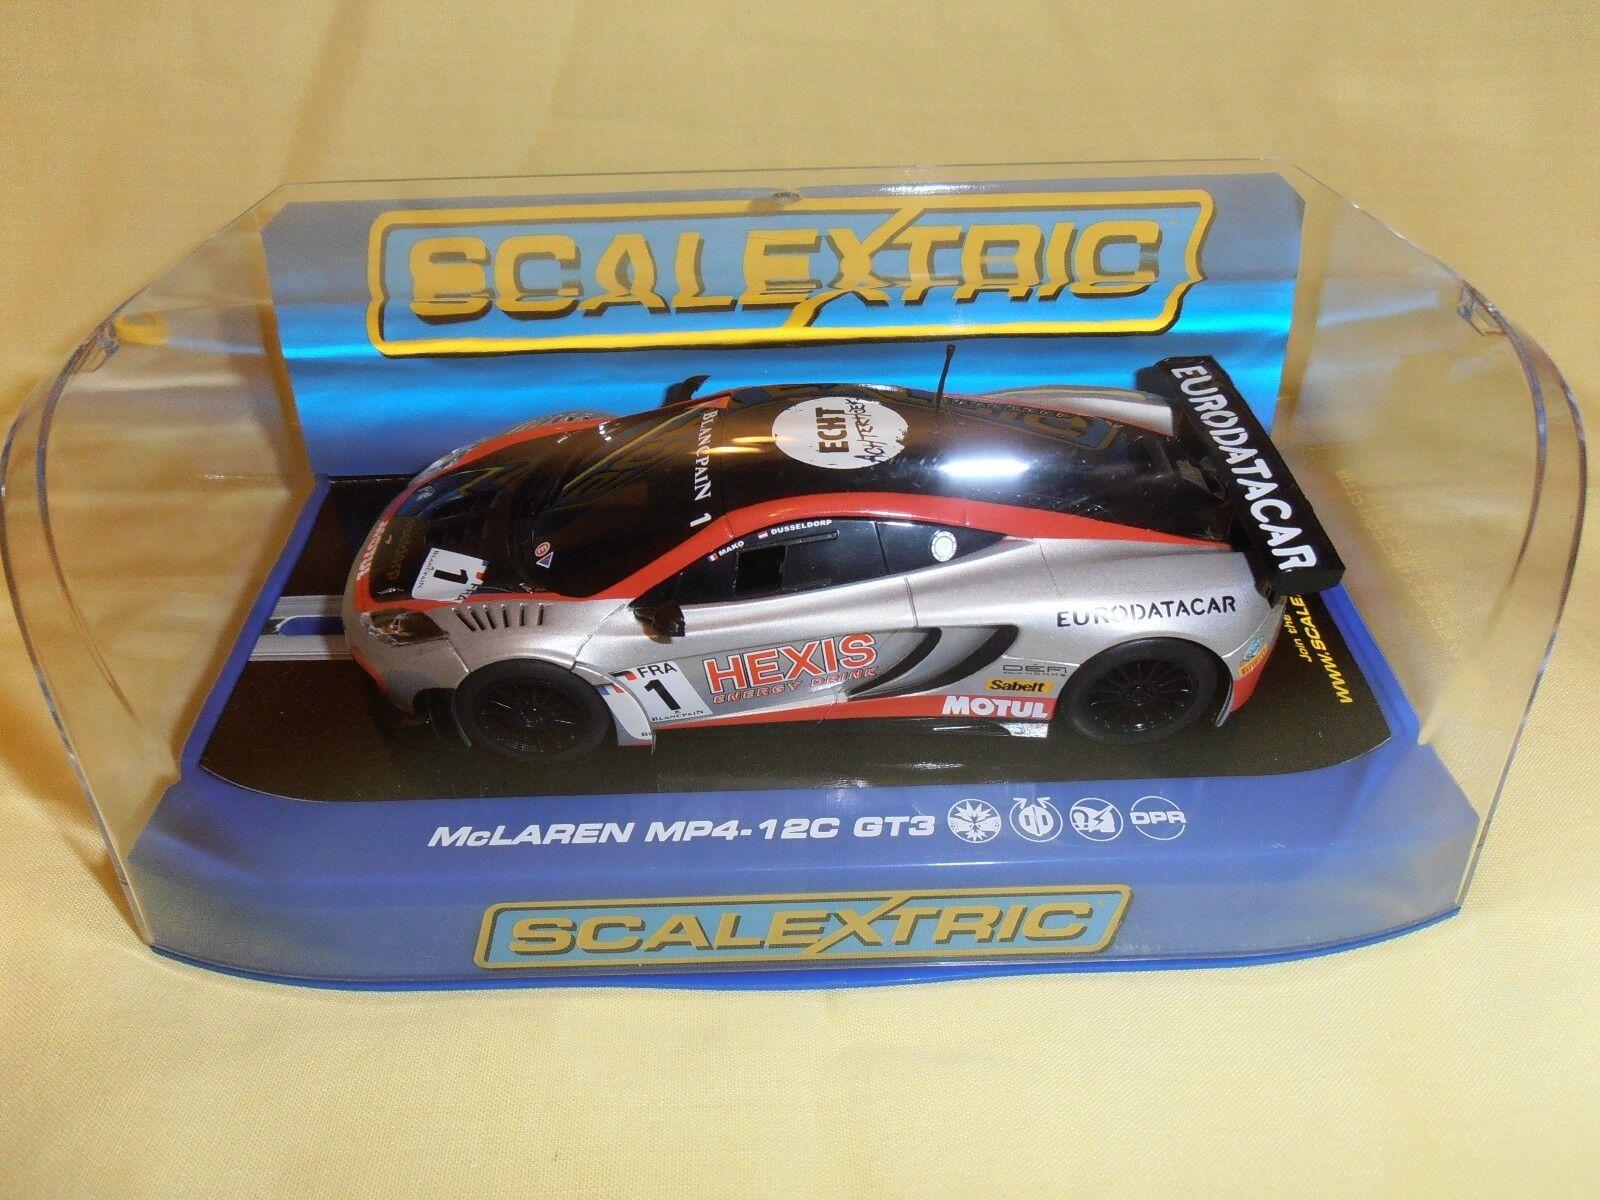 Qq 6015 Scalextric Porsche 911 Gt1 Pennzoil #6 Attractive Appearance Elektrisches Spielzeug